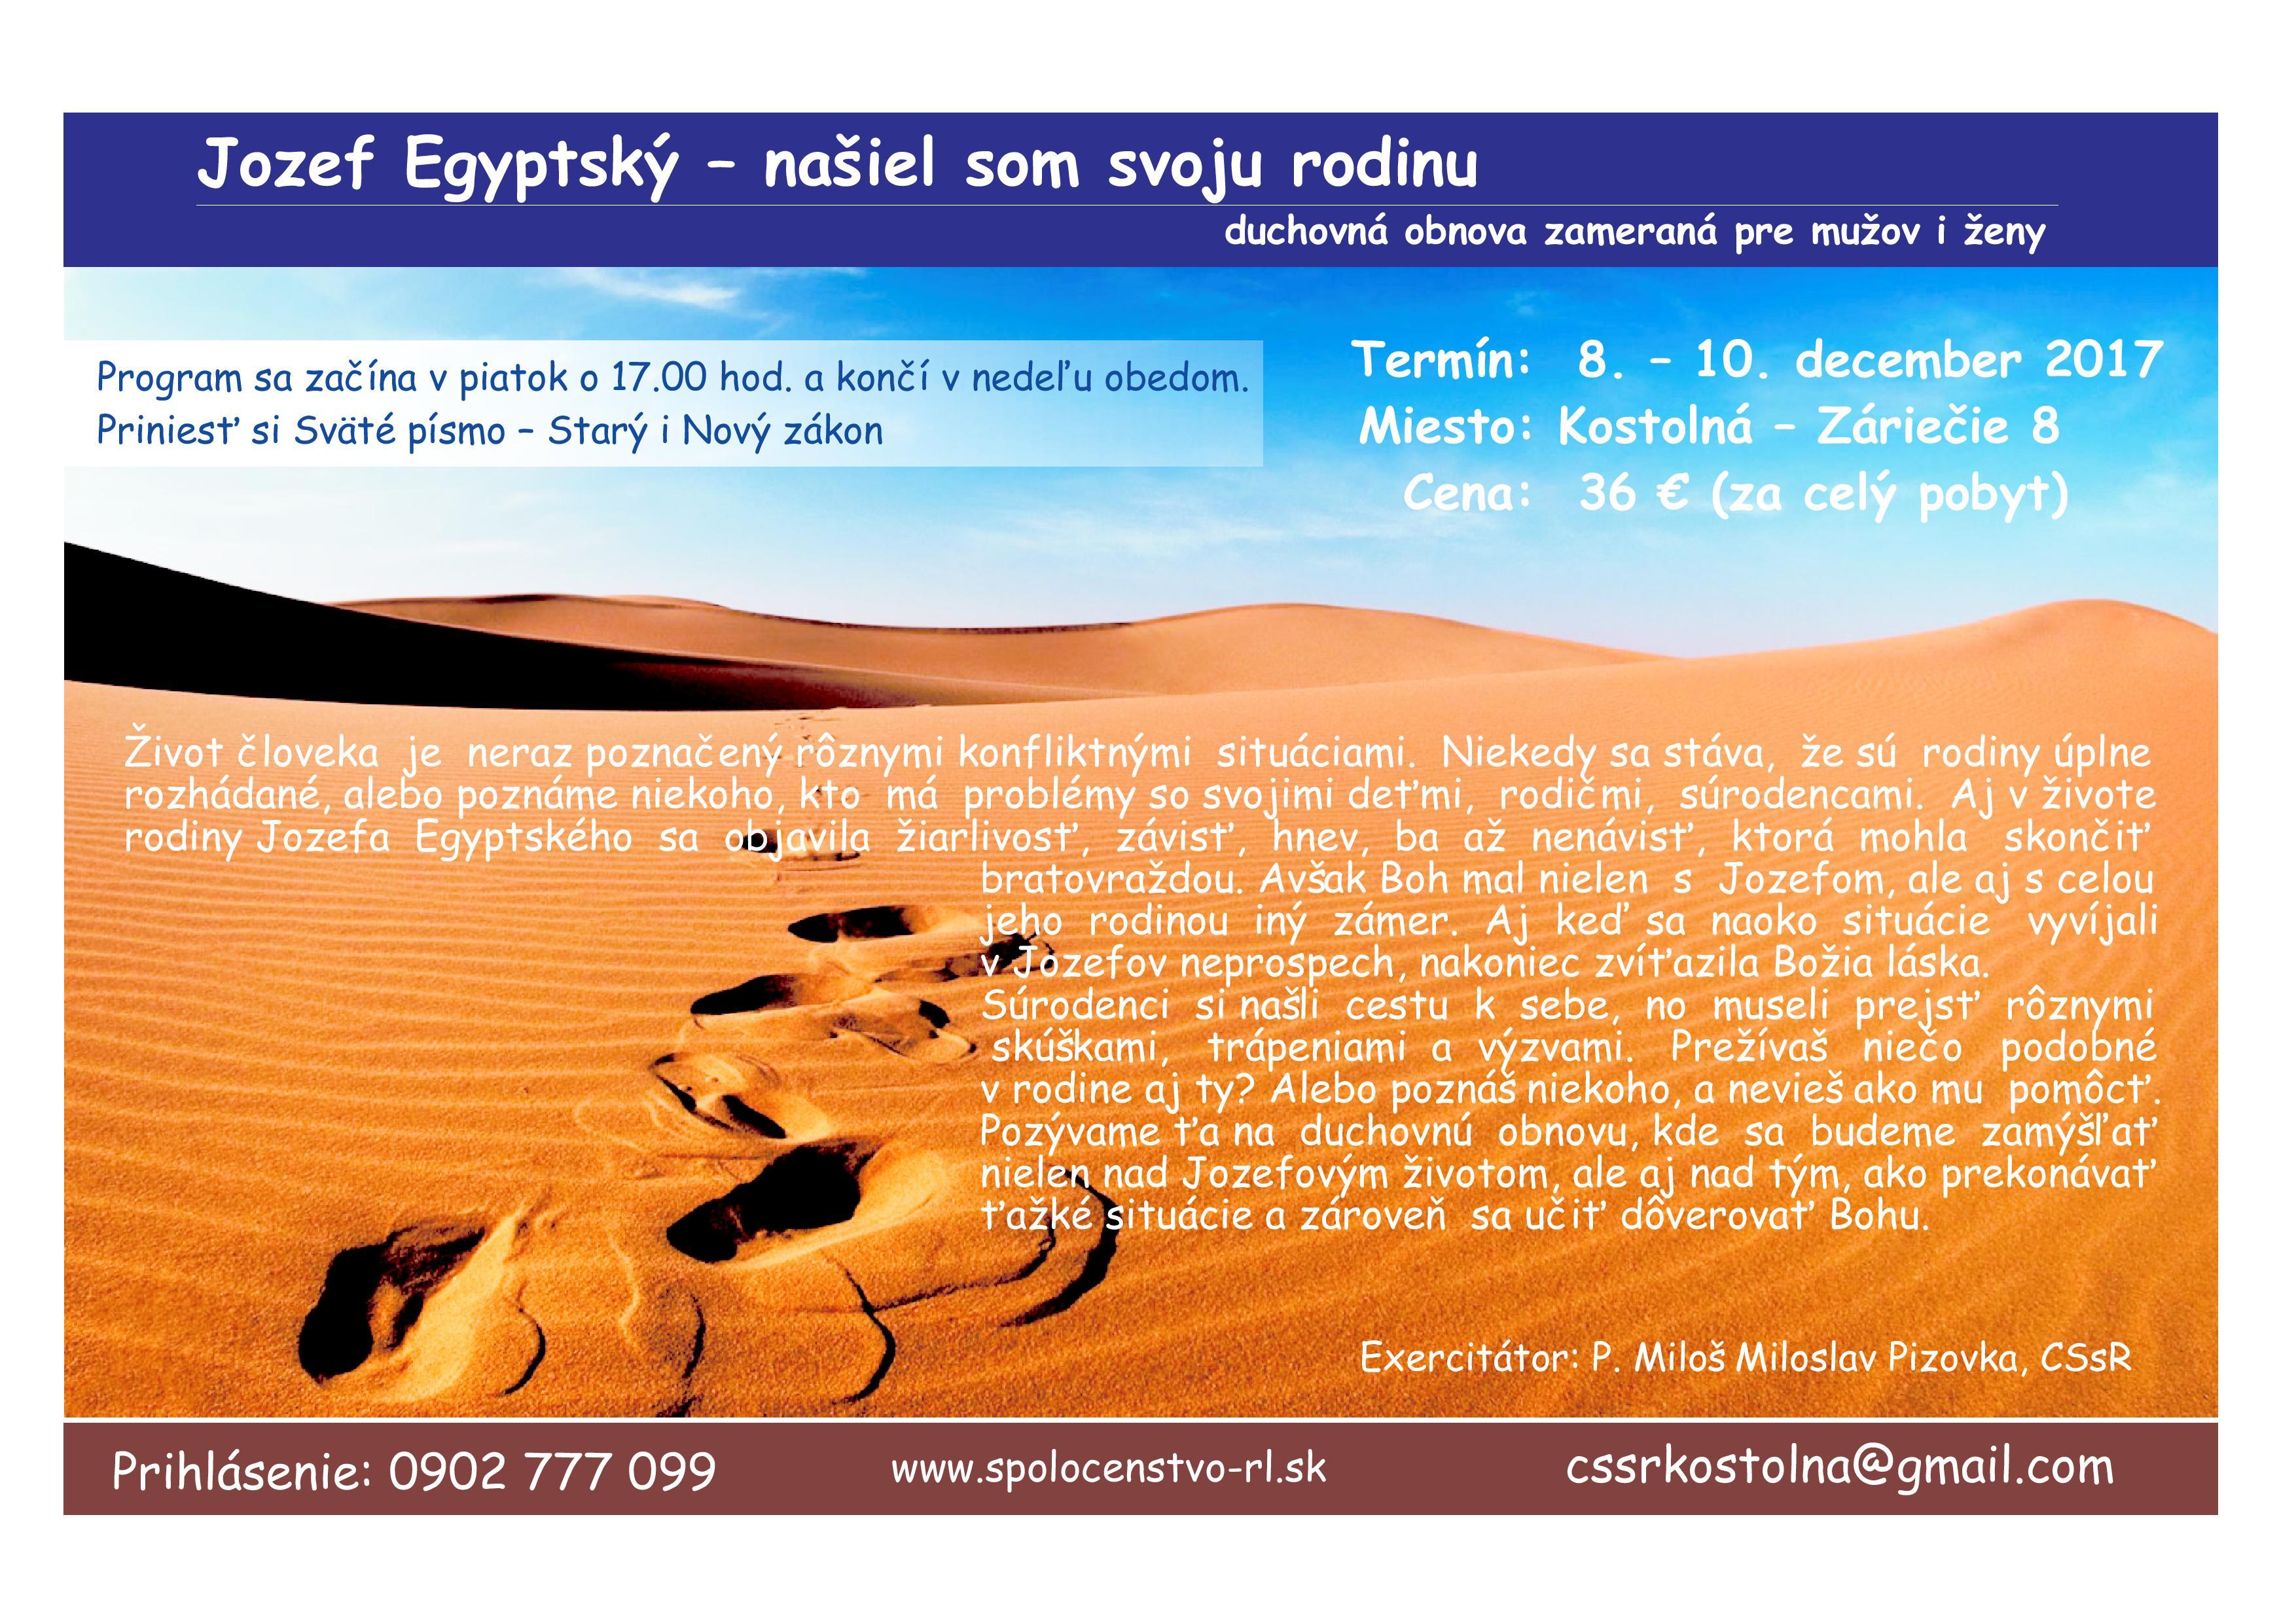 Jozef Egyptský – našiel som svoju rodinu (duchovná obnova zameraná pre mužov i ženy)